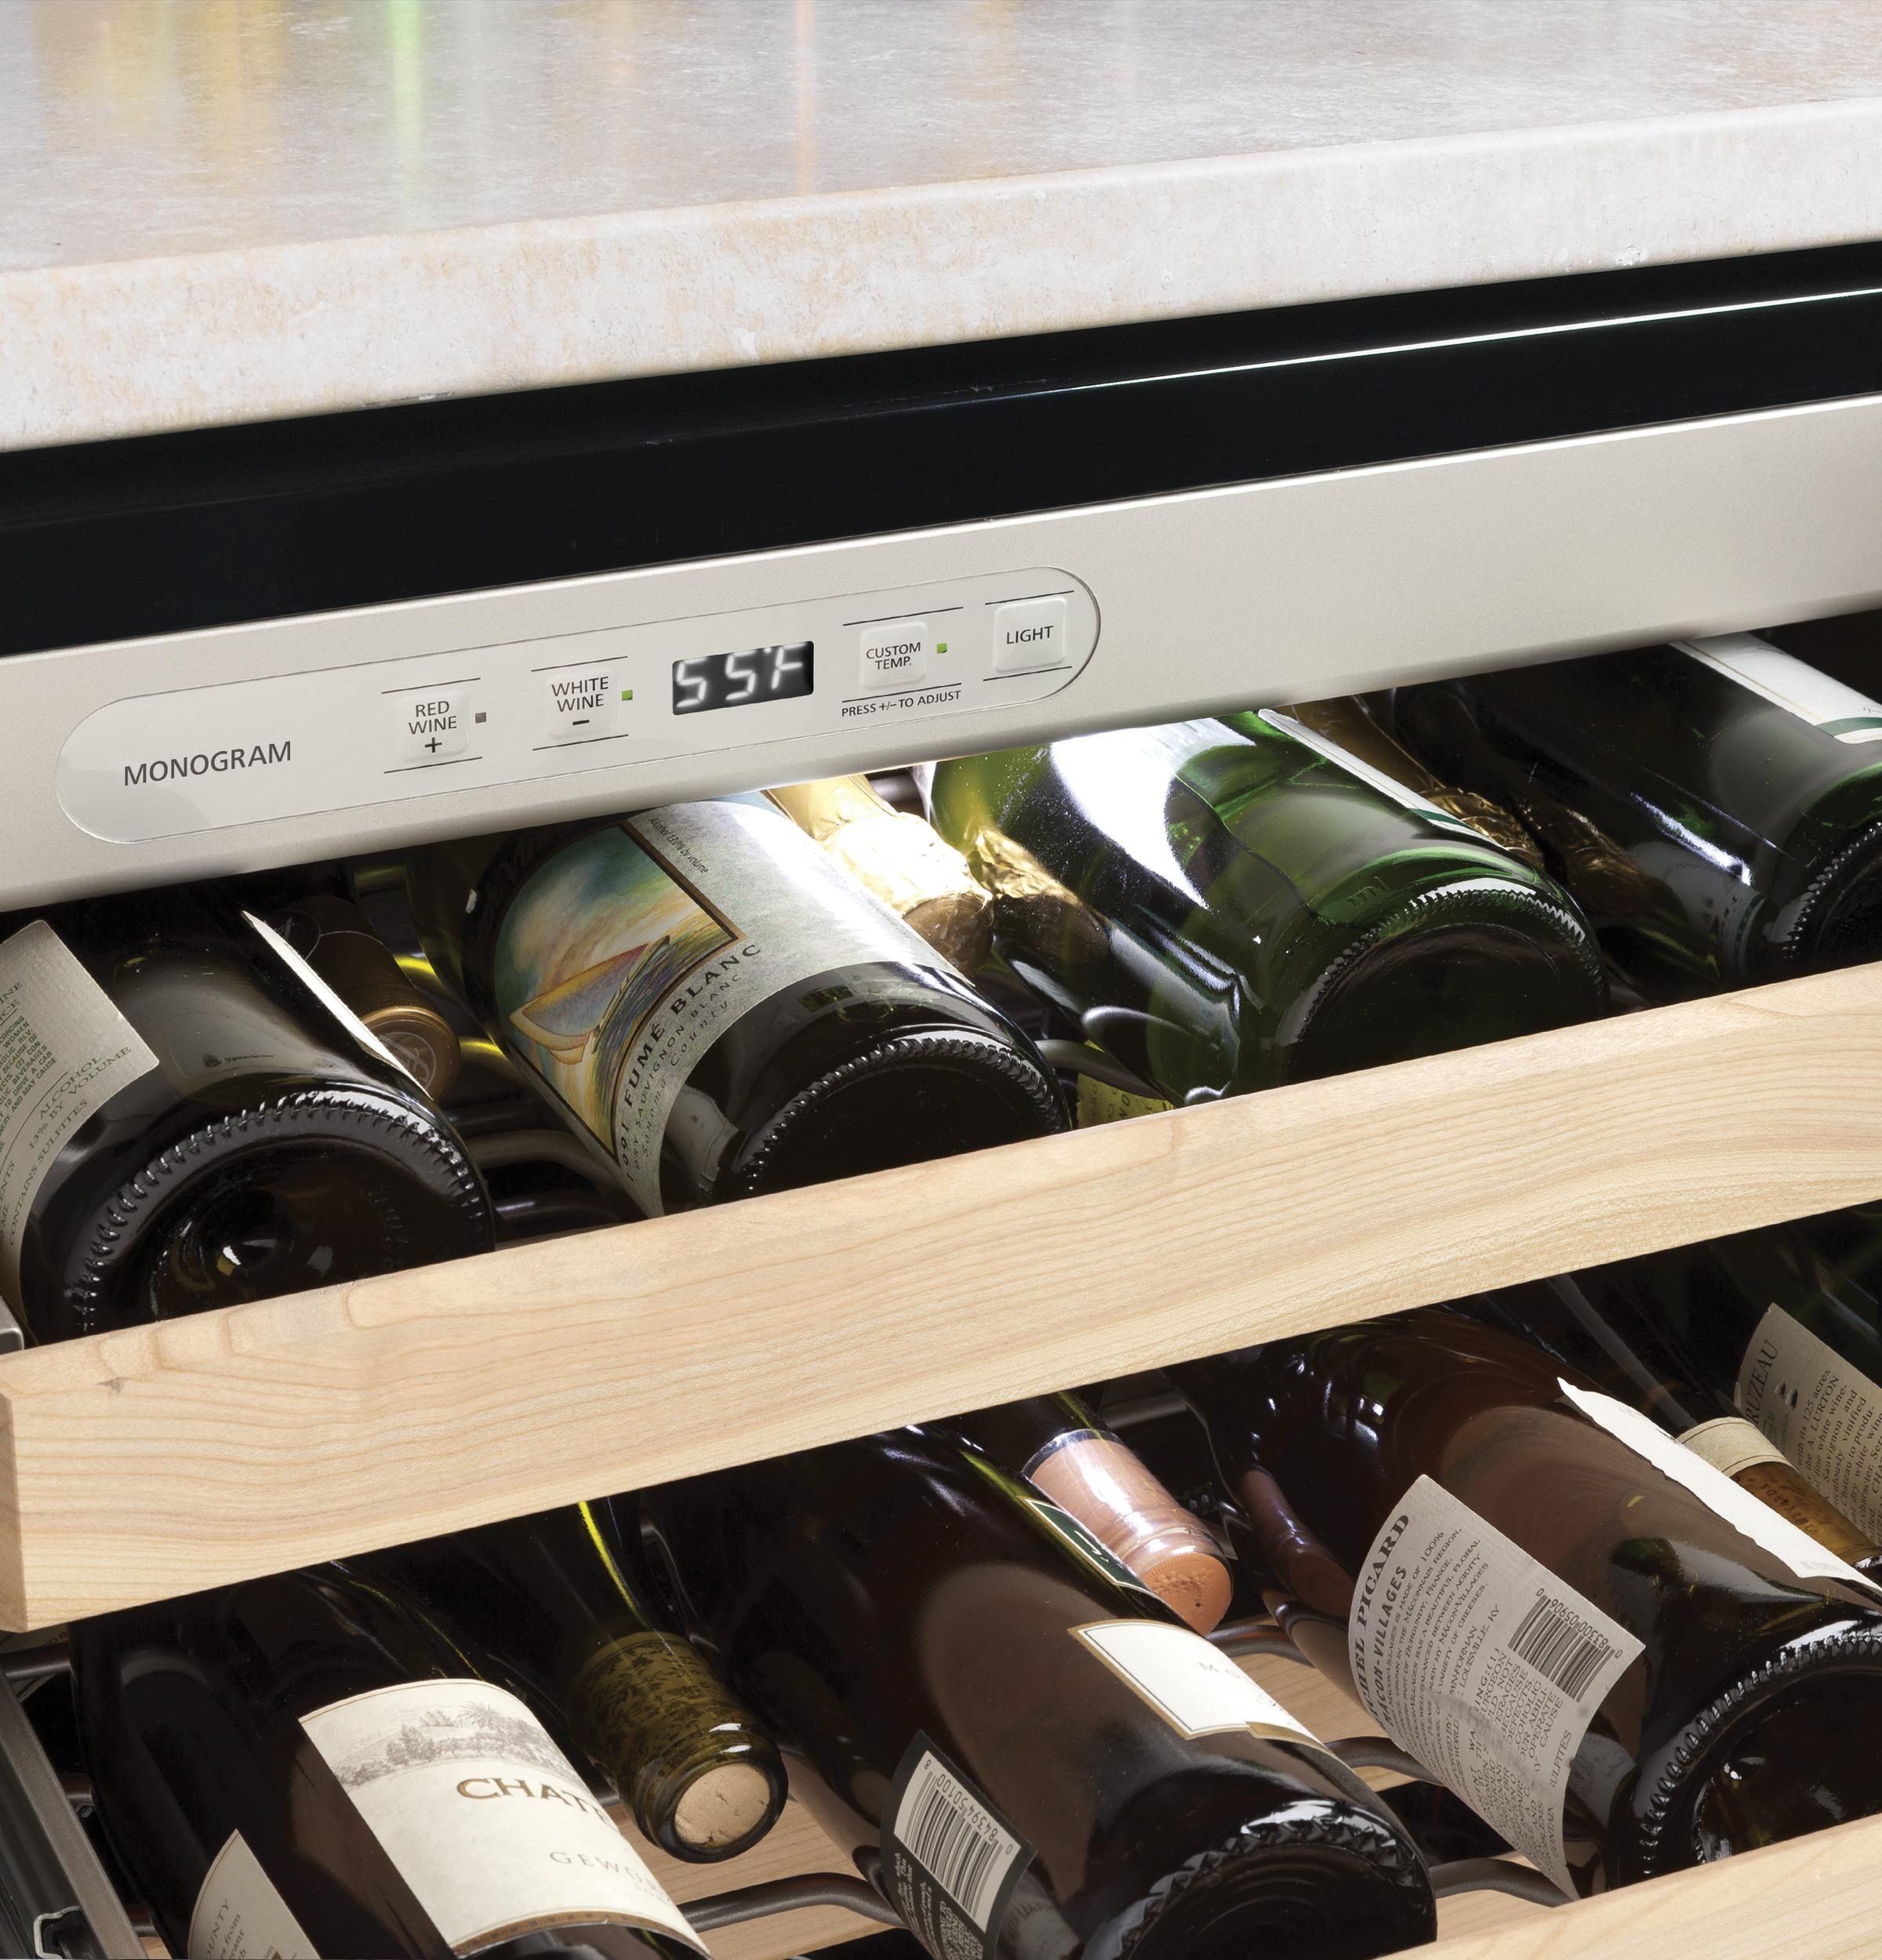 Model: ZDWR240HBS | Monogram Monogram Stainless Steel Wine Reserve